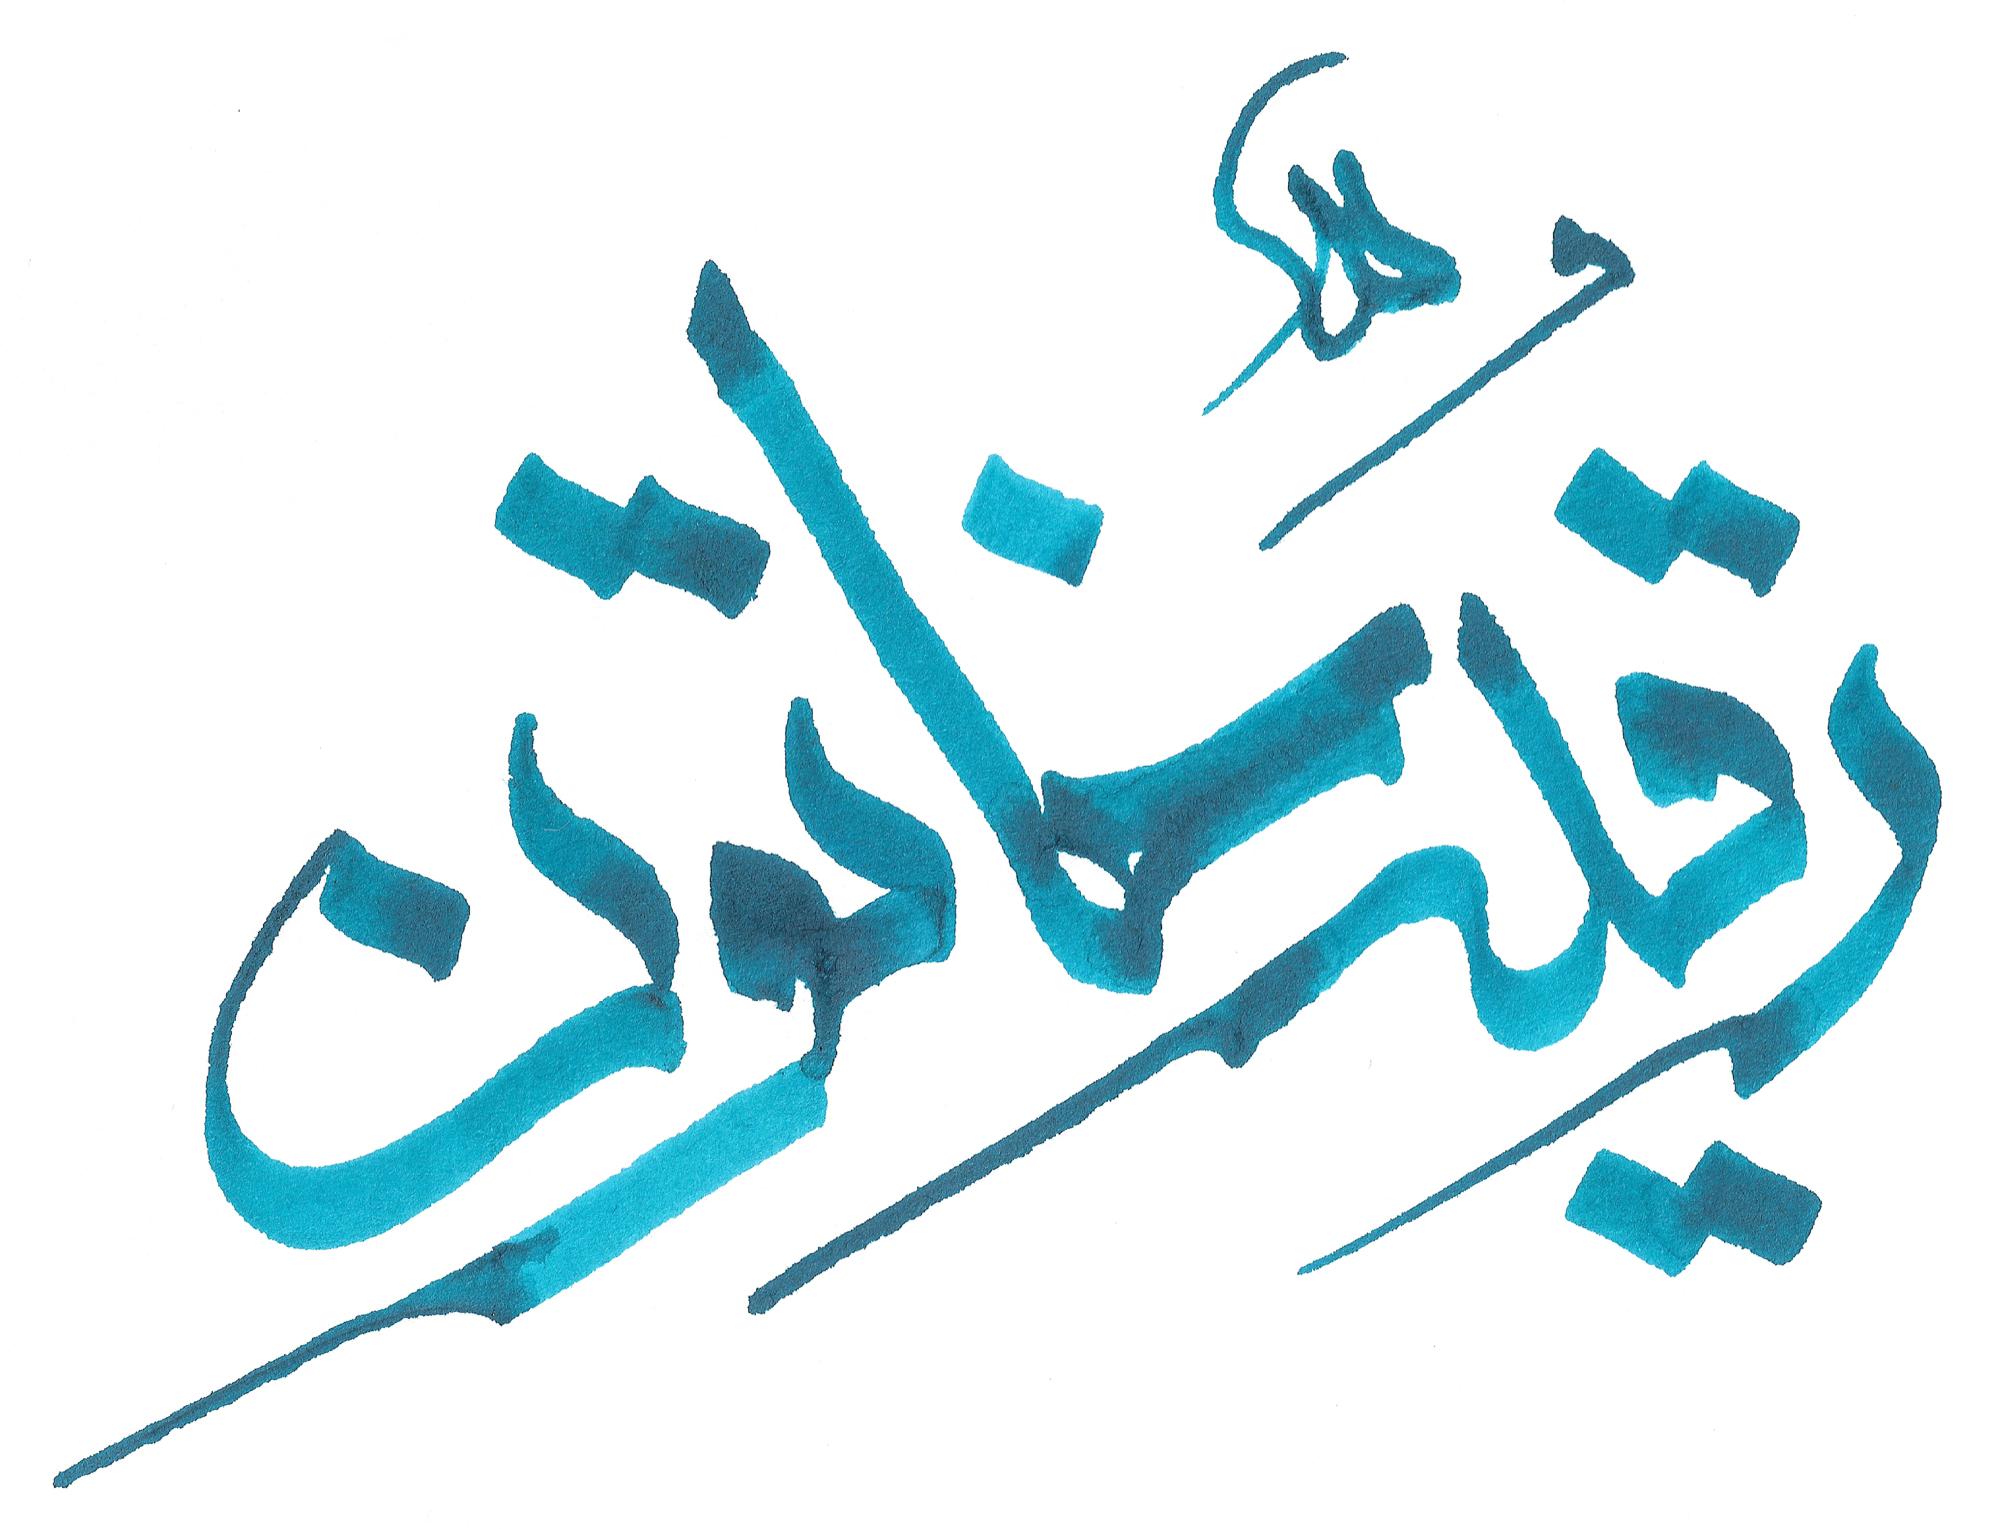 261 نگاهی به زندگی حضرت رقیه (س) به مناسبت ولادت حضرت رقیه(س)